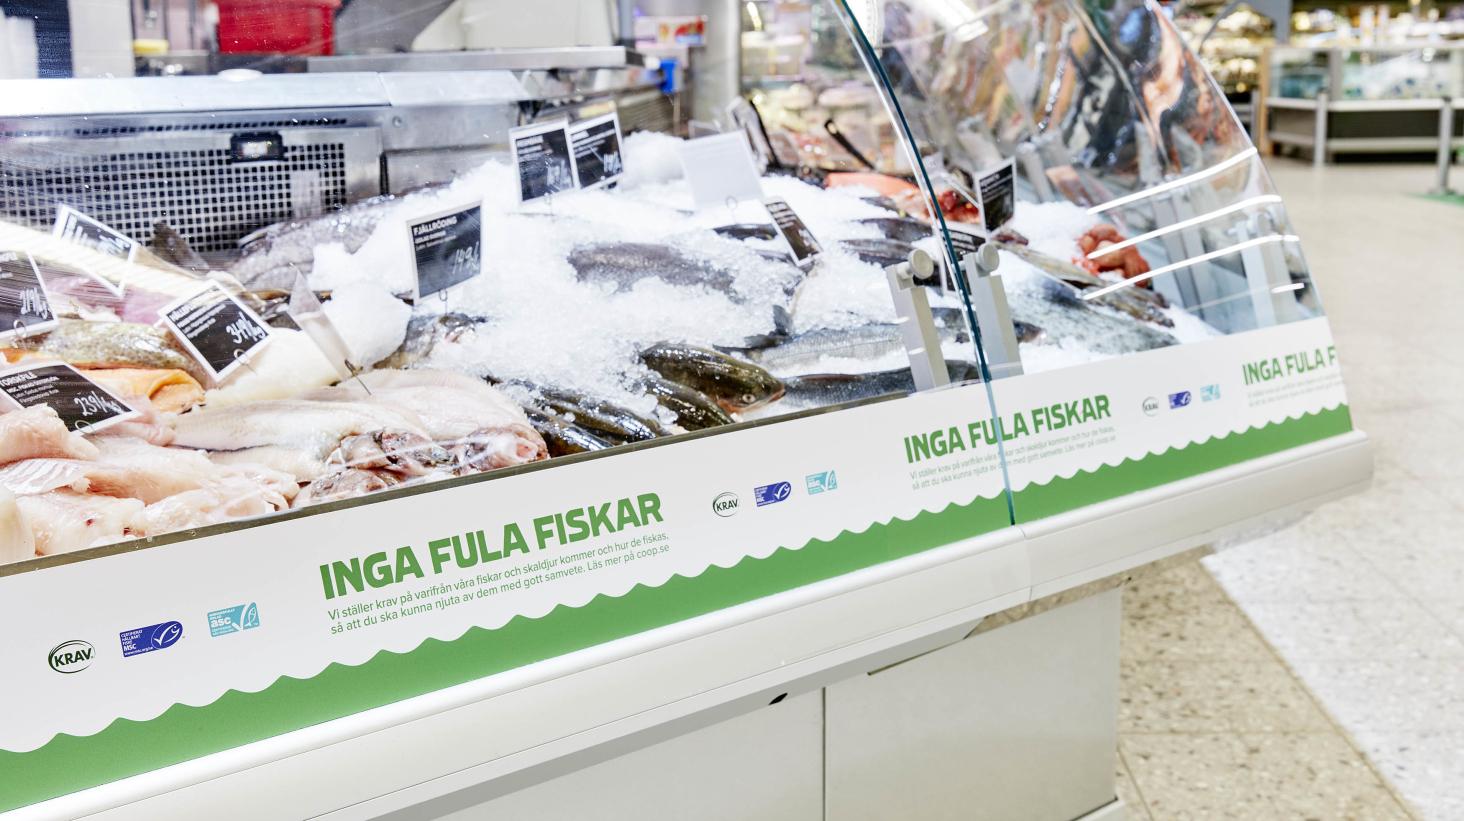 Coop inleder arbetet för MSC-certifiering av alla fiskdiskar